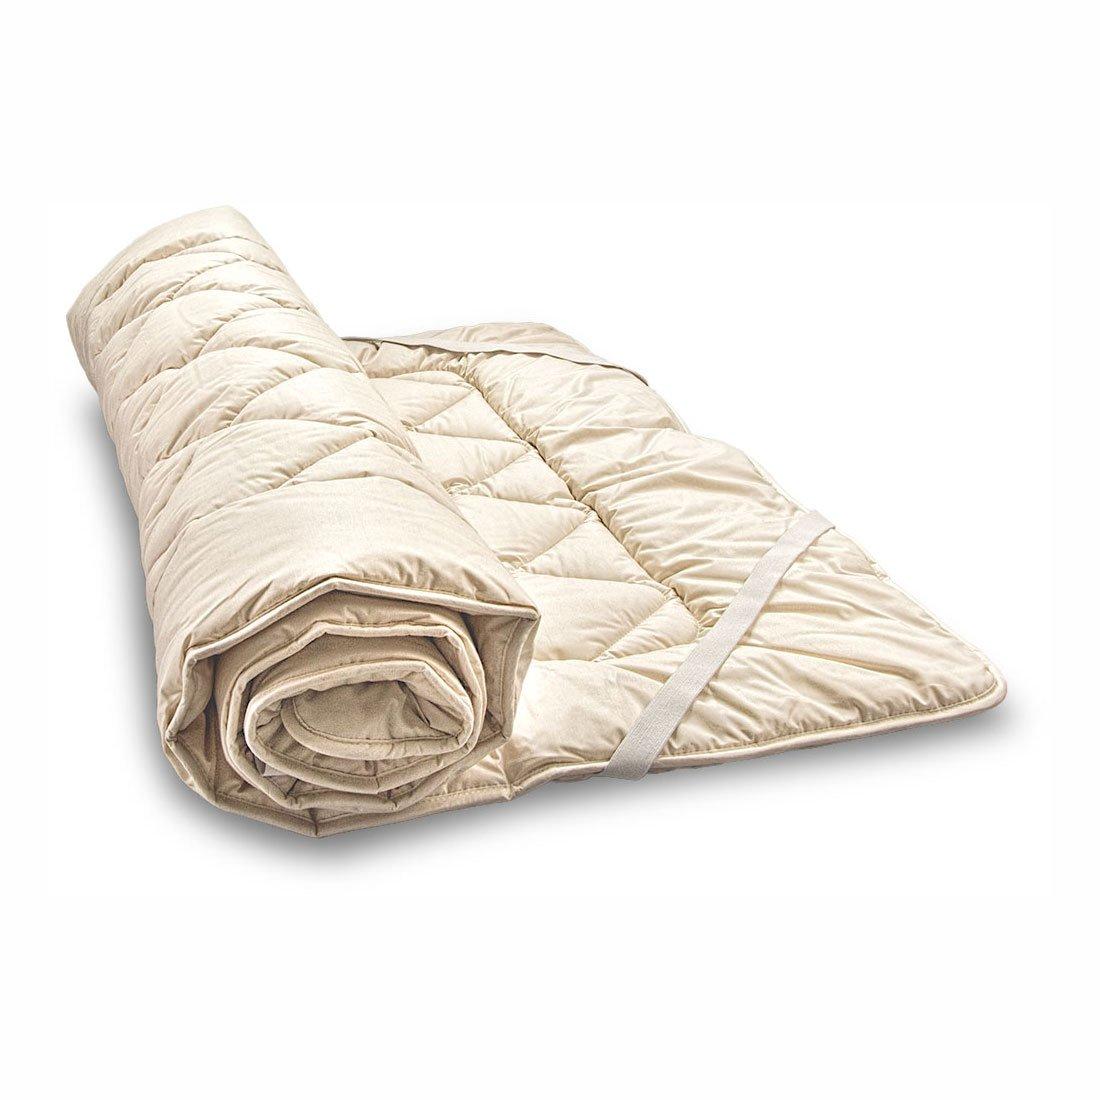 Woll-Unterbett aus Bio-Schafschurwolle und Bio-Baumwolle 200x220 cm, Baumberger. Matratzenauflage, Matratzenschoner